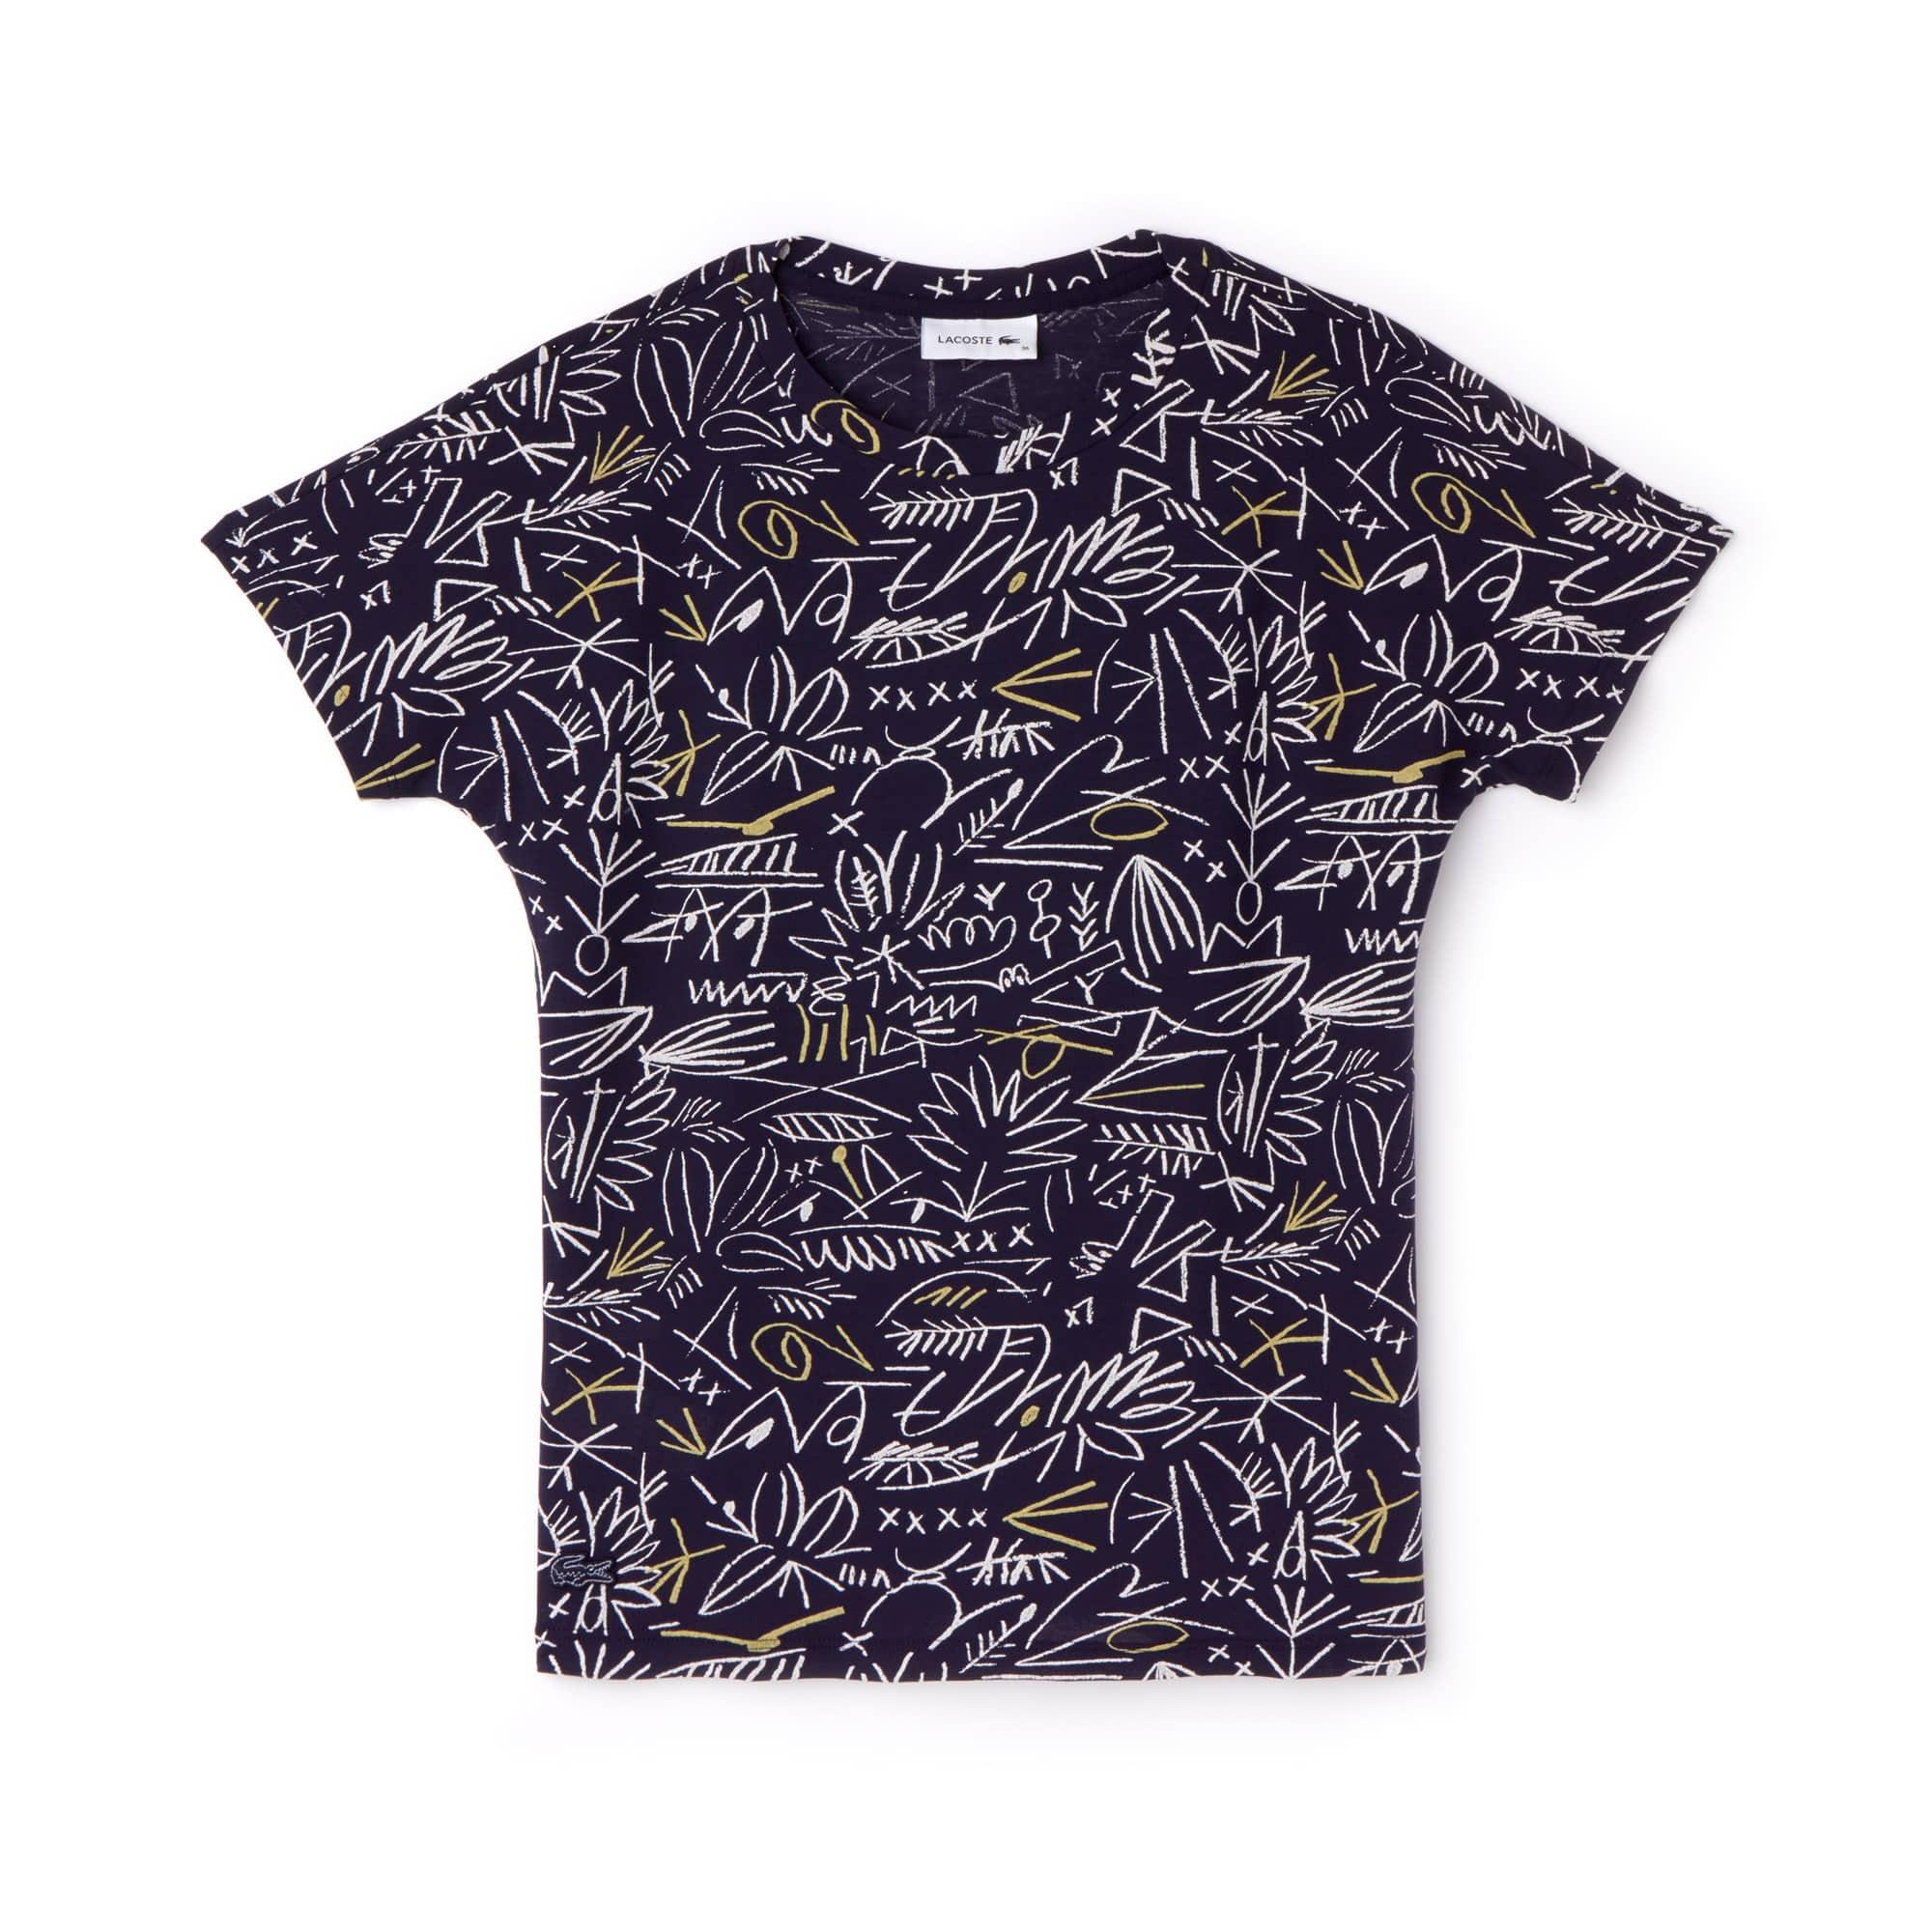 Damen Rundhals T-Shirt aus Baumwollkreppjersey mit Aufdruck